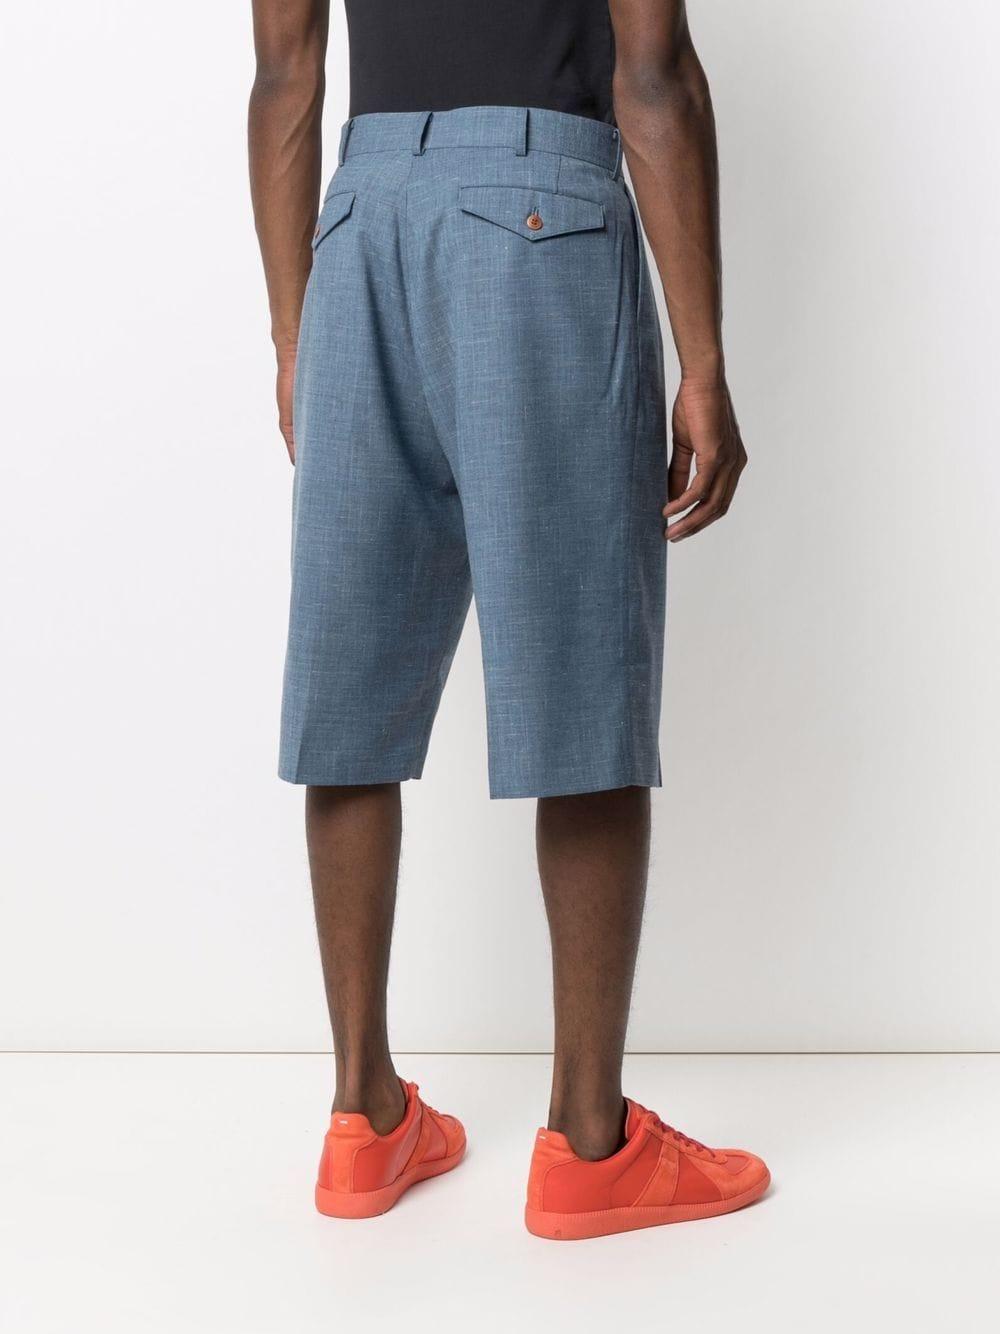 JUNYA WATANABE MAN | Shorts | WG-P032-0511